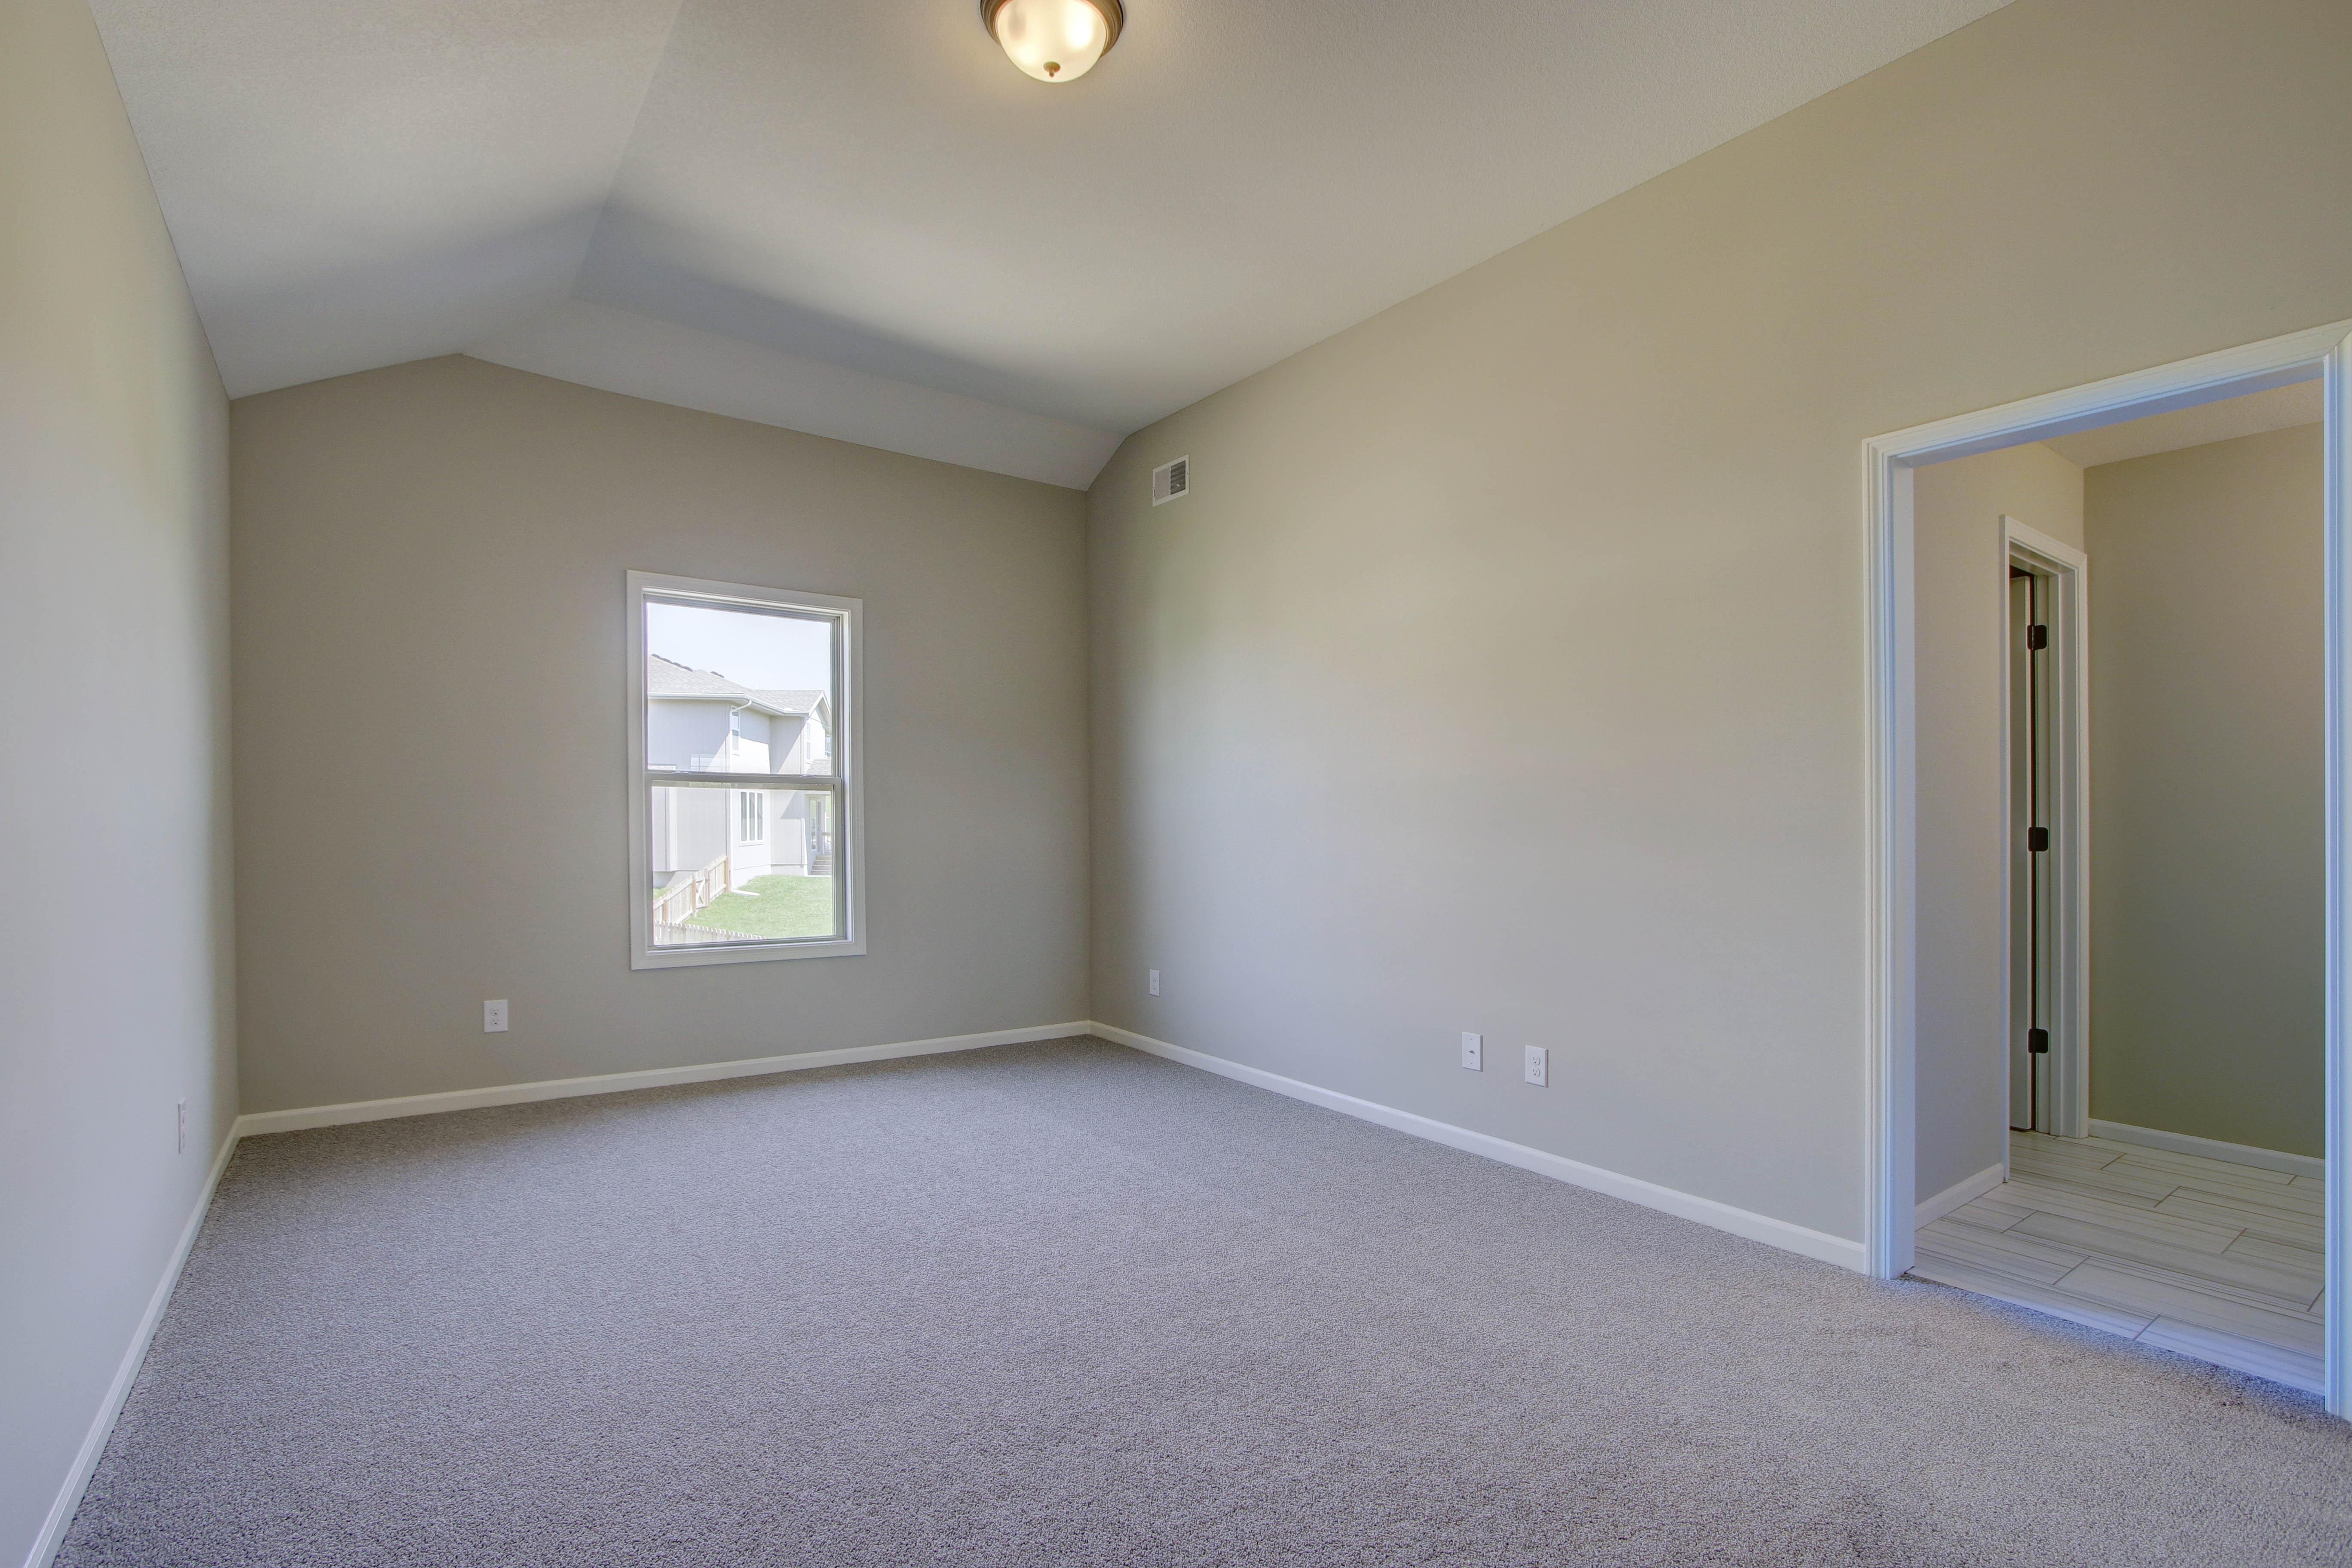 Bedroom - Samuel